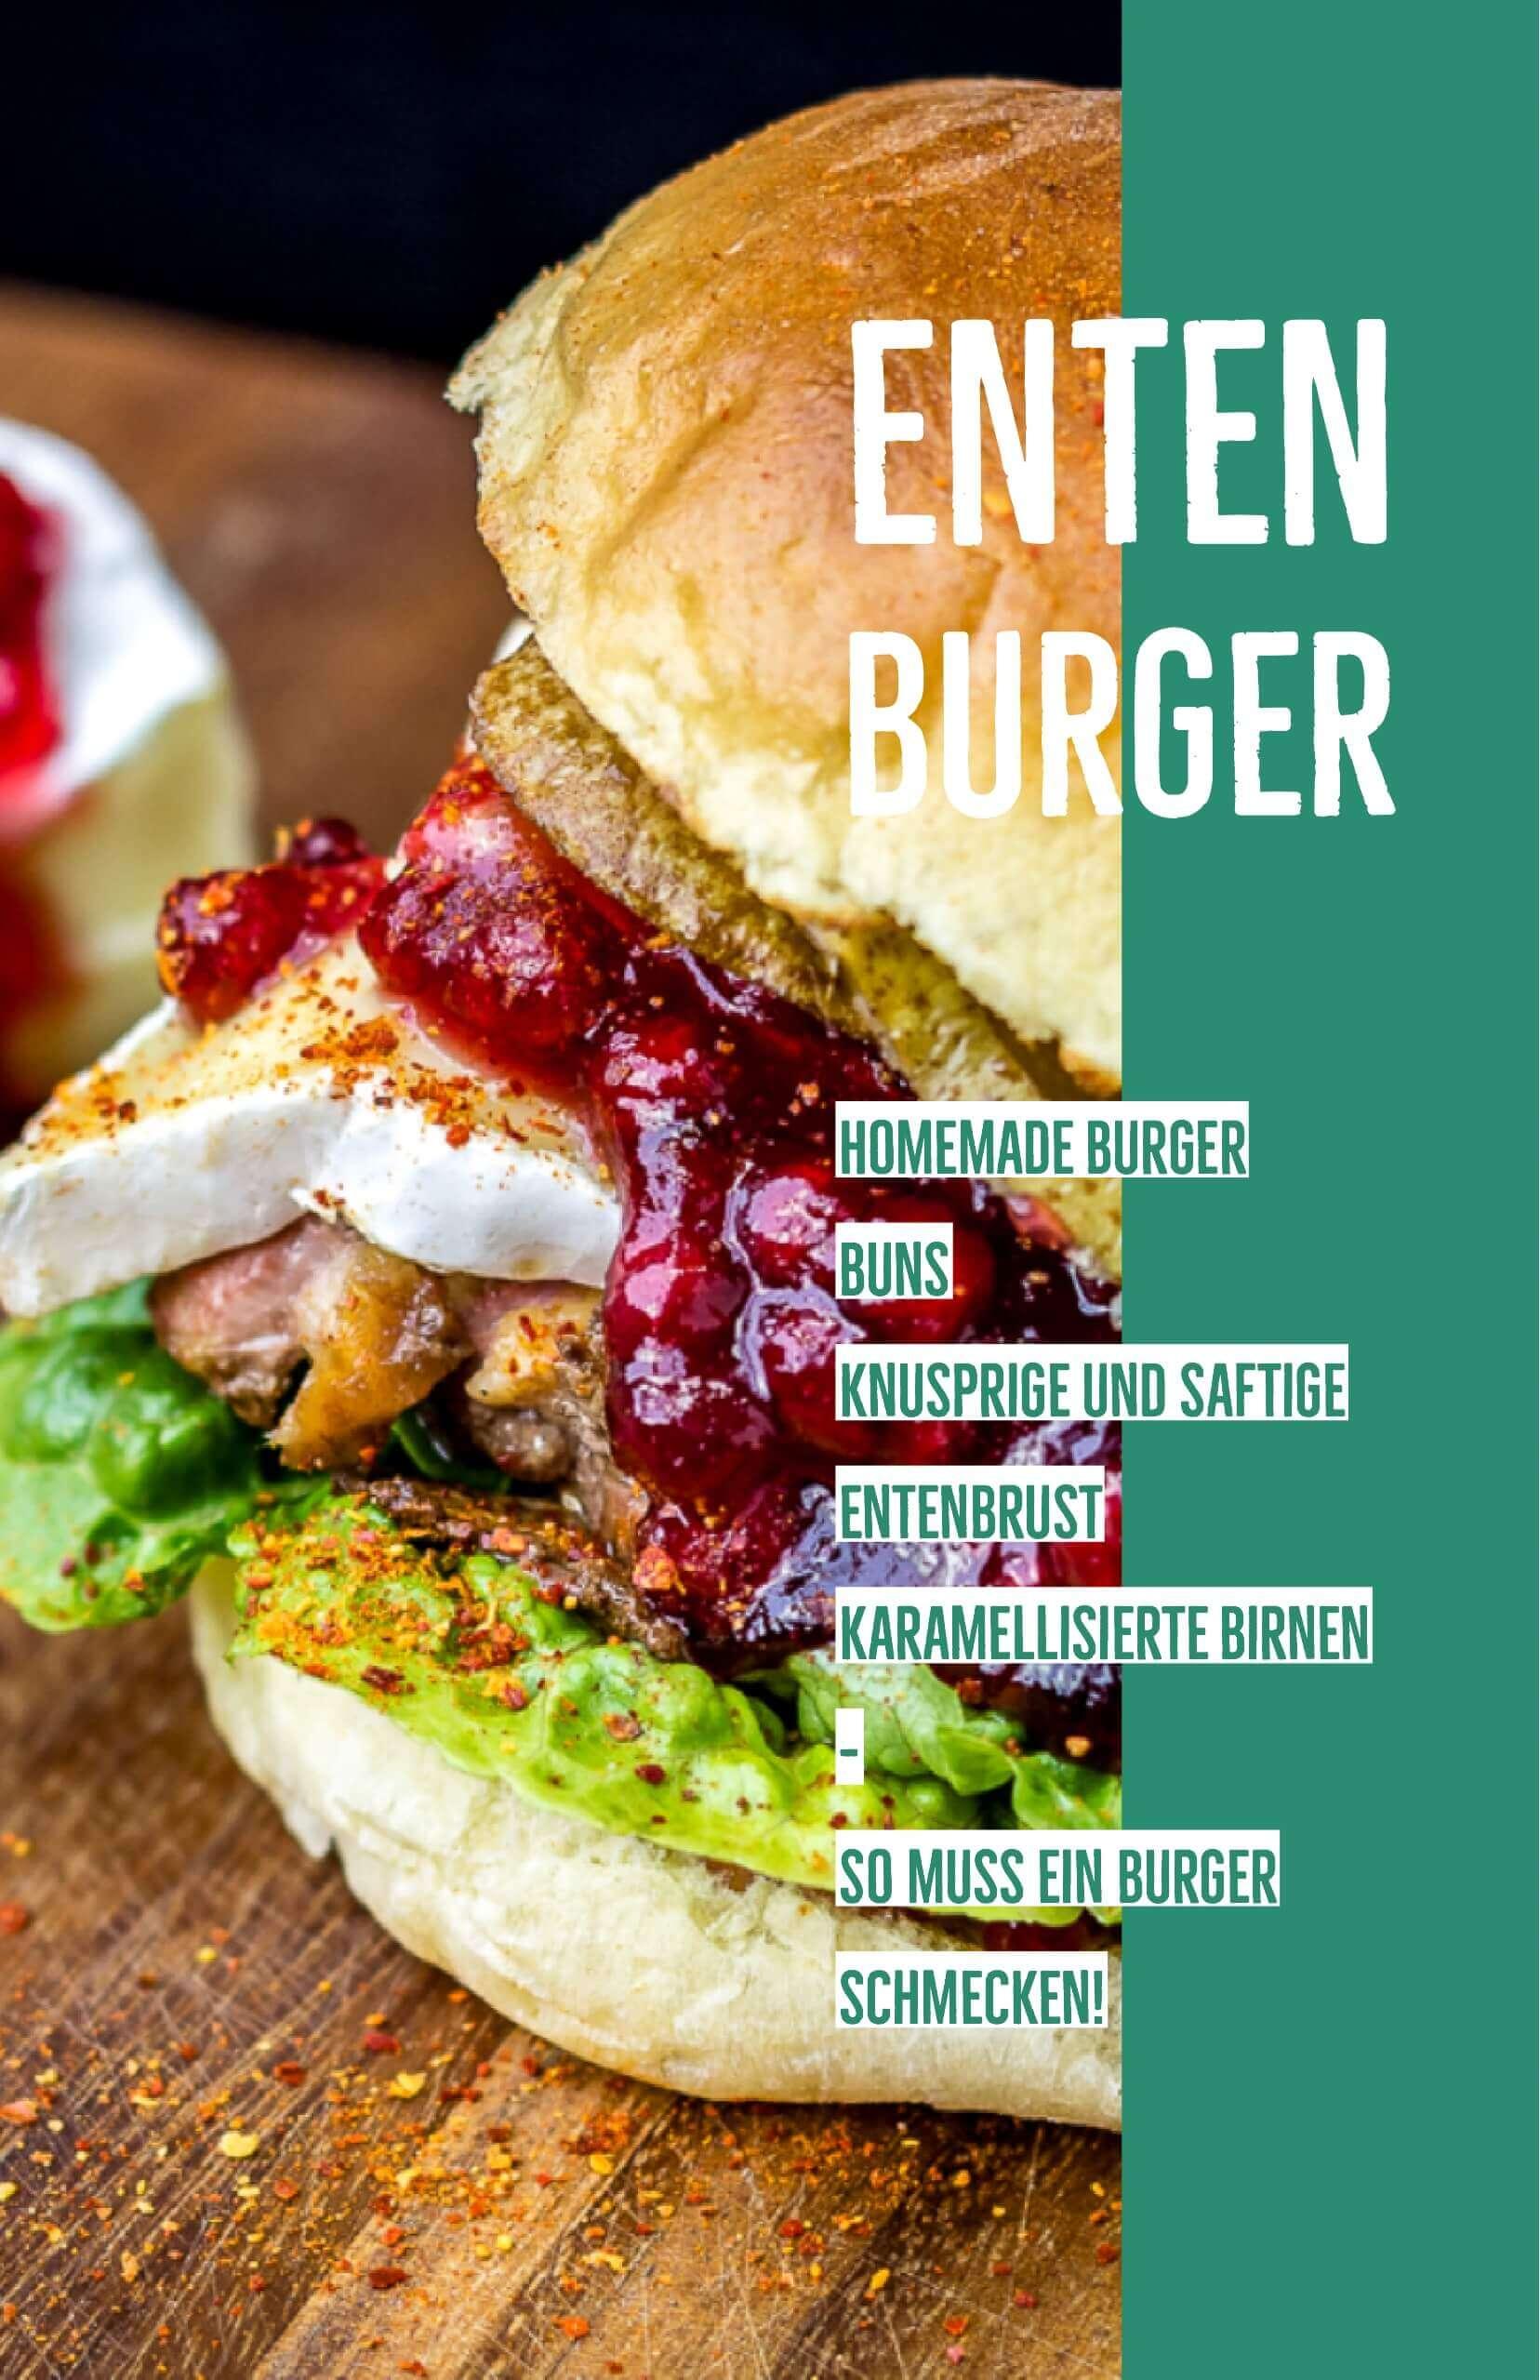 Entenburger enten-burger_entenburger